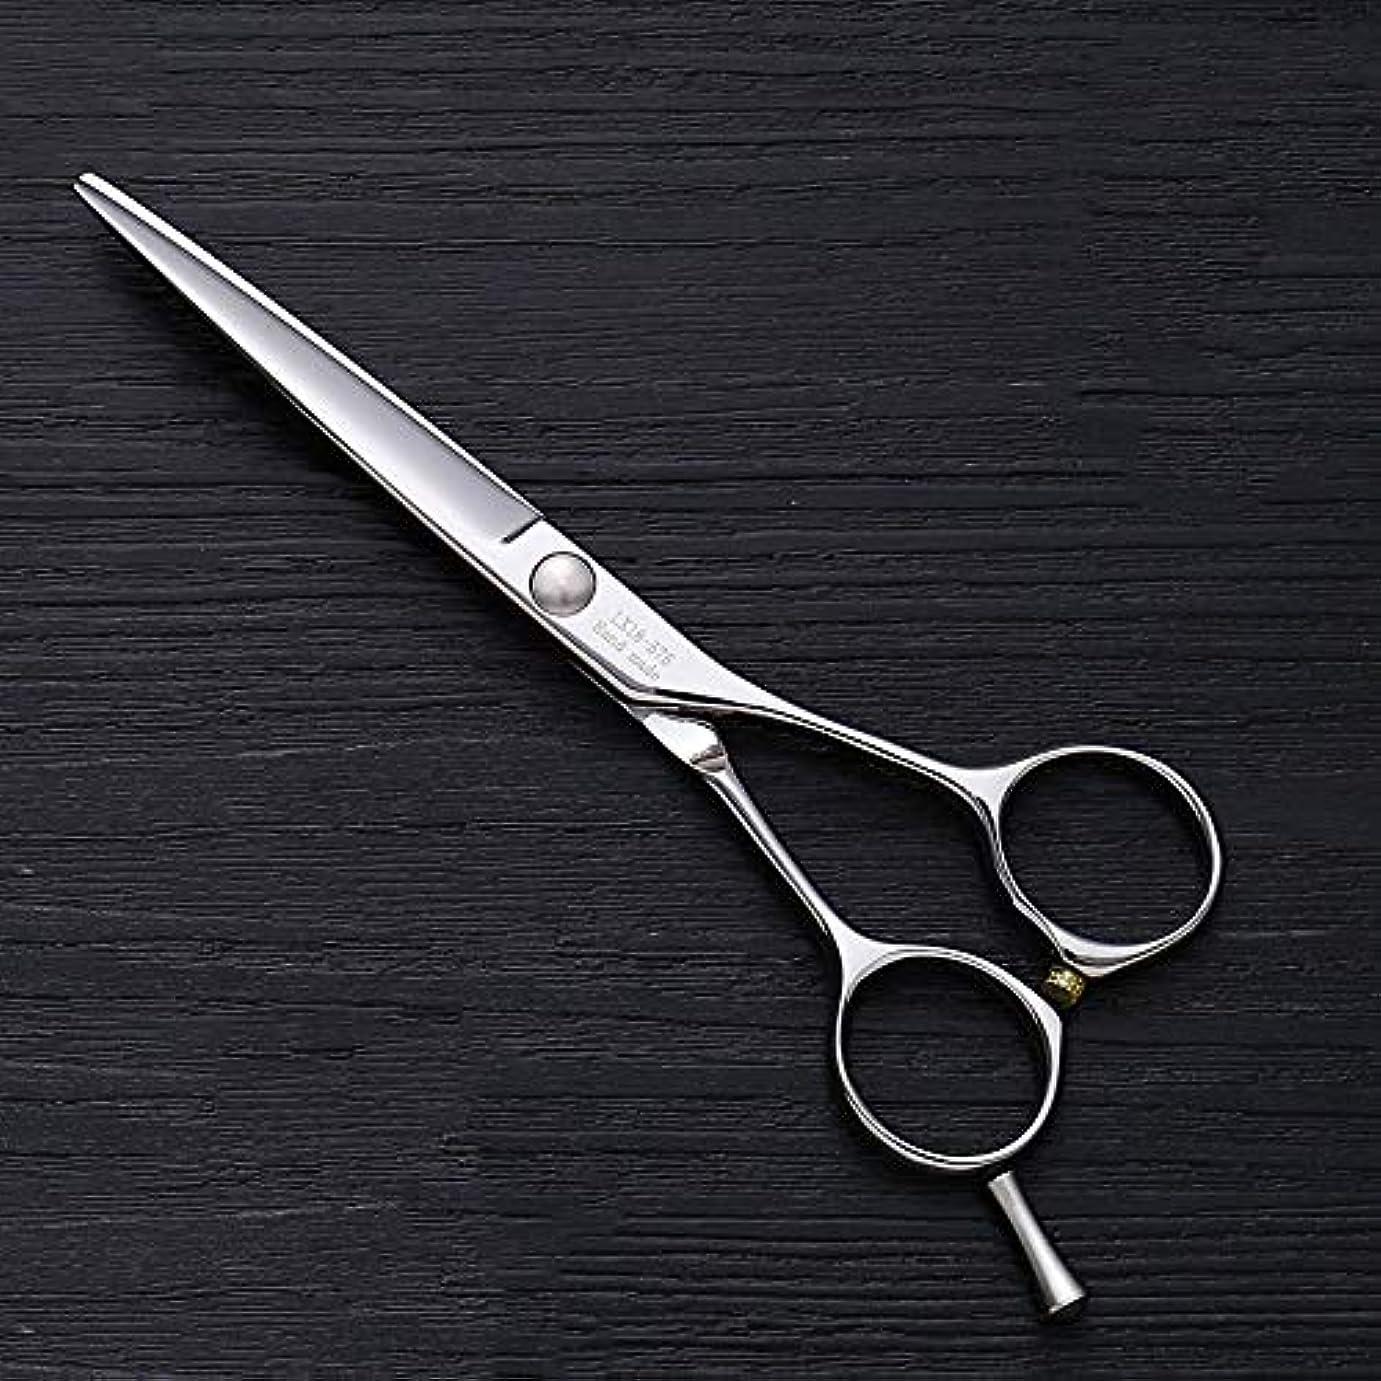 セマフォジョージスティーブンソンハーブ5.5インチの理髪はさみ、ヘアースタイリスト特別なAワードカットフラットせん断はさみ モデリングツール (色 : Silver)